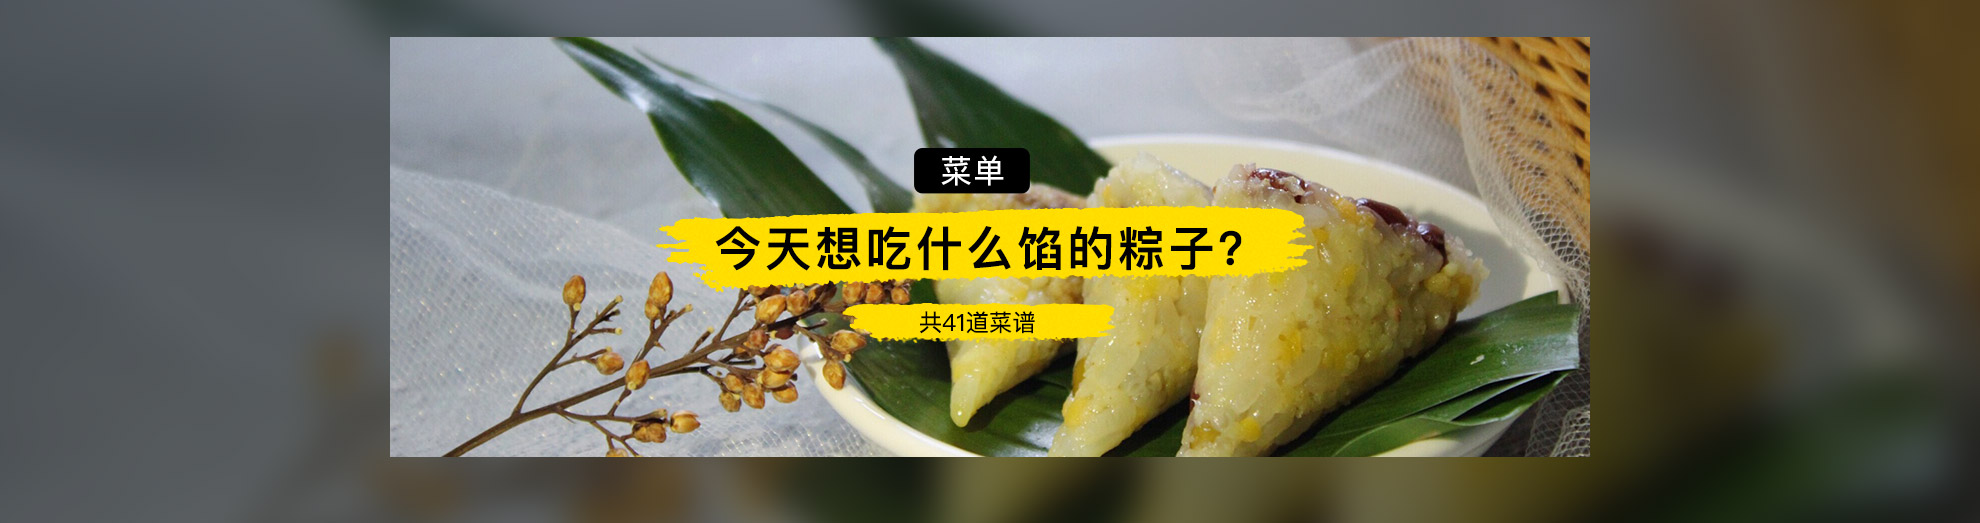 今天想吃什么馅的粽子?}